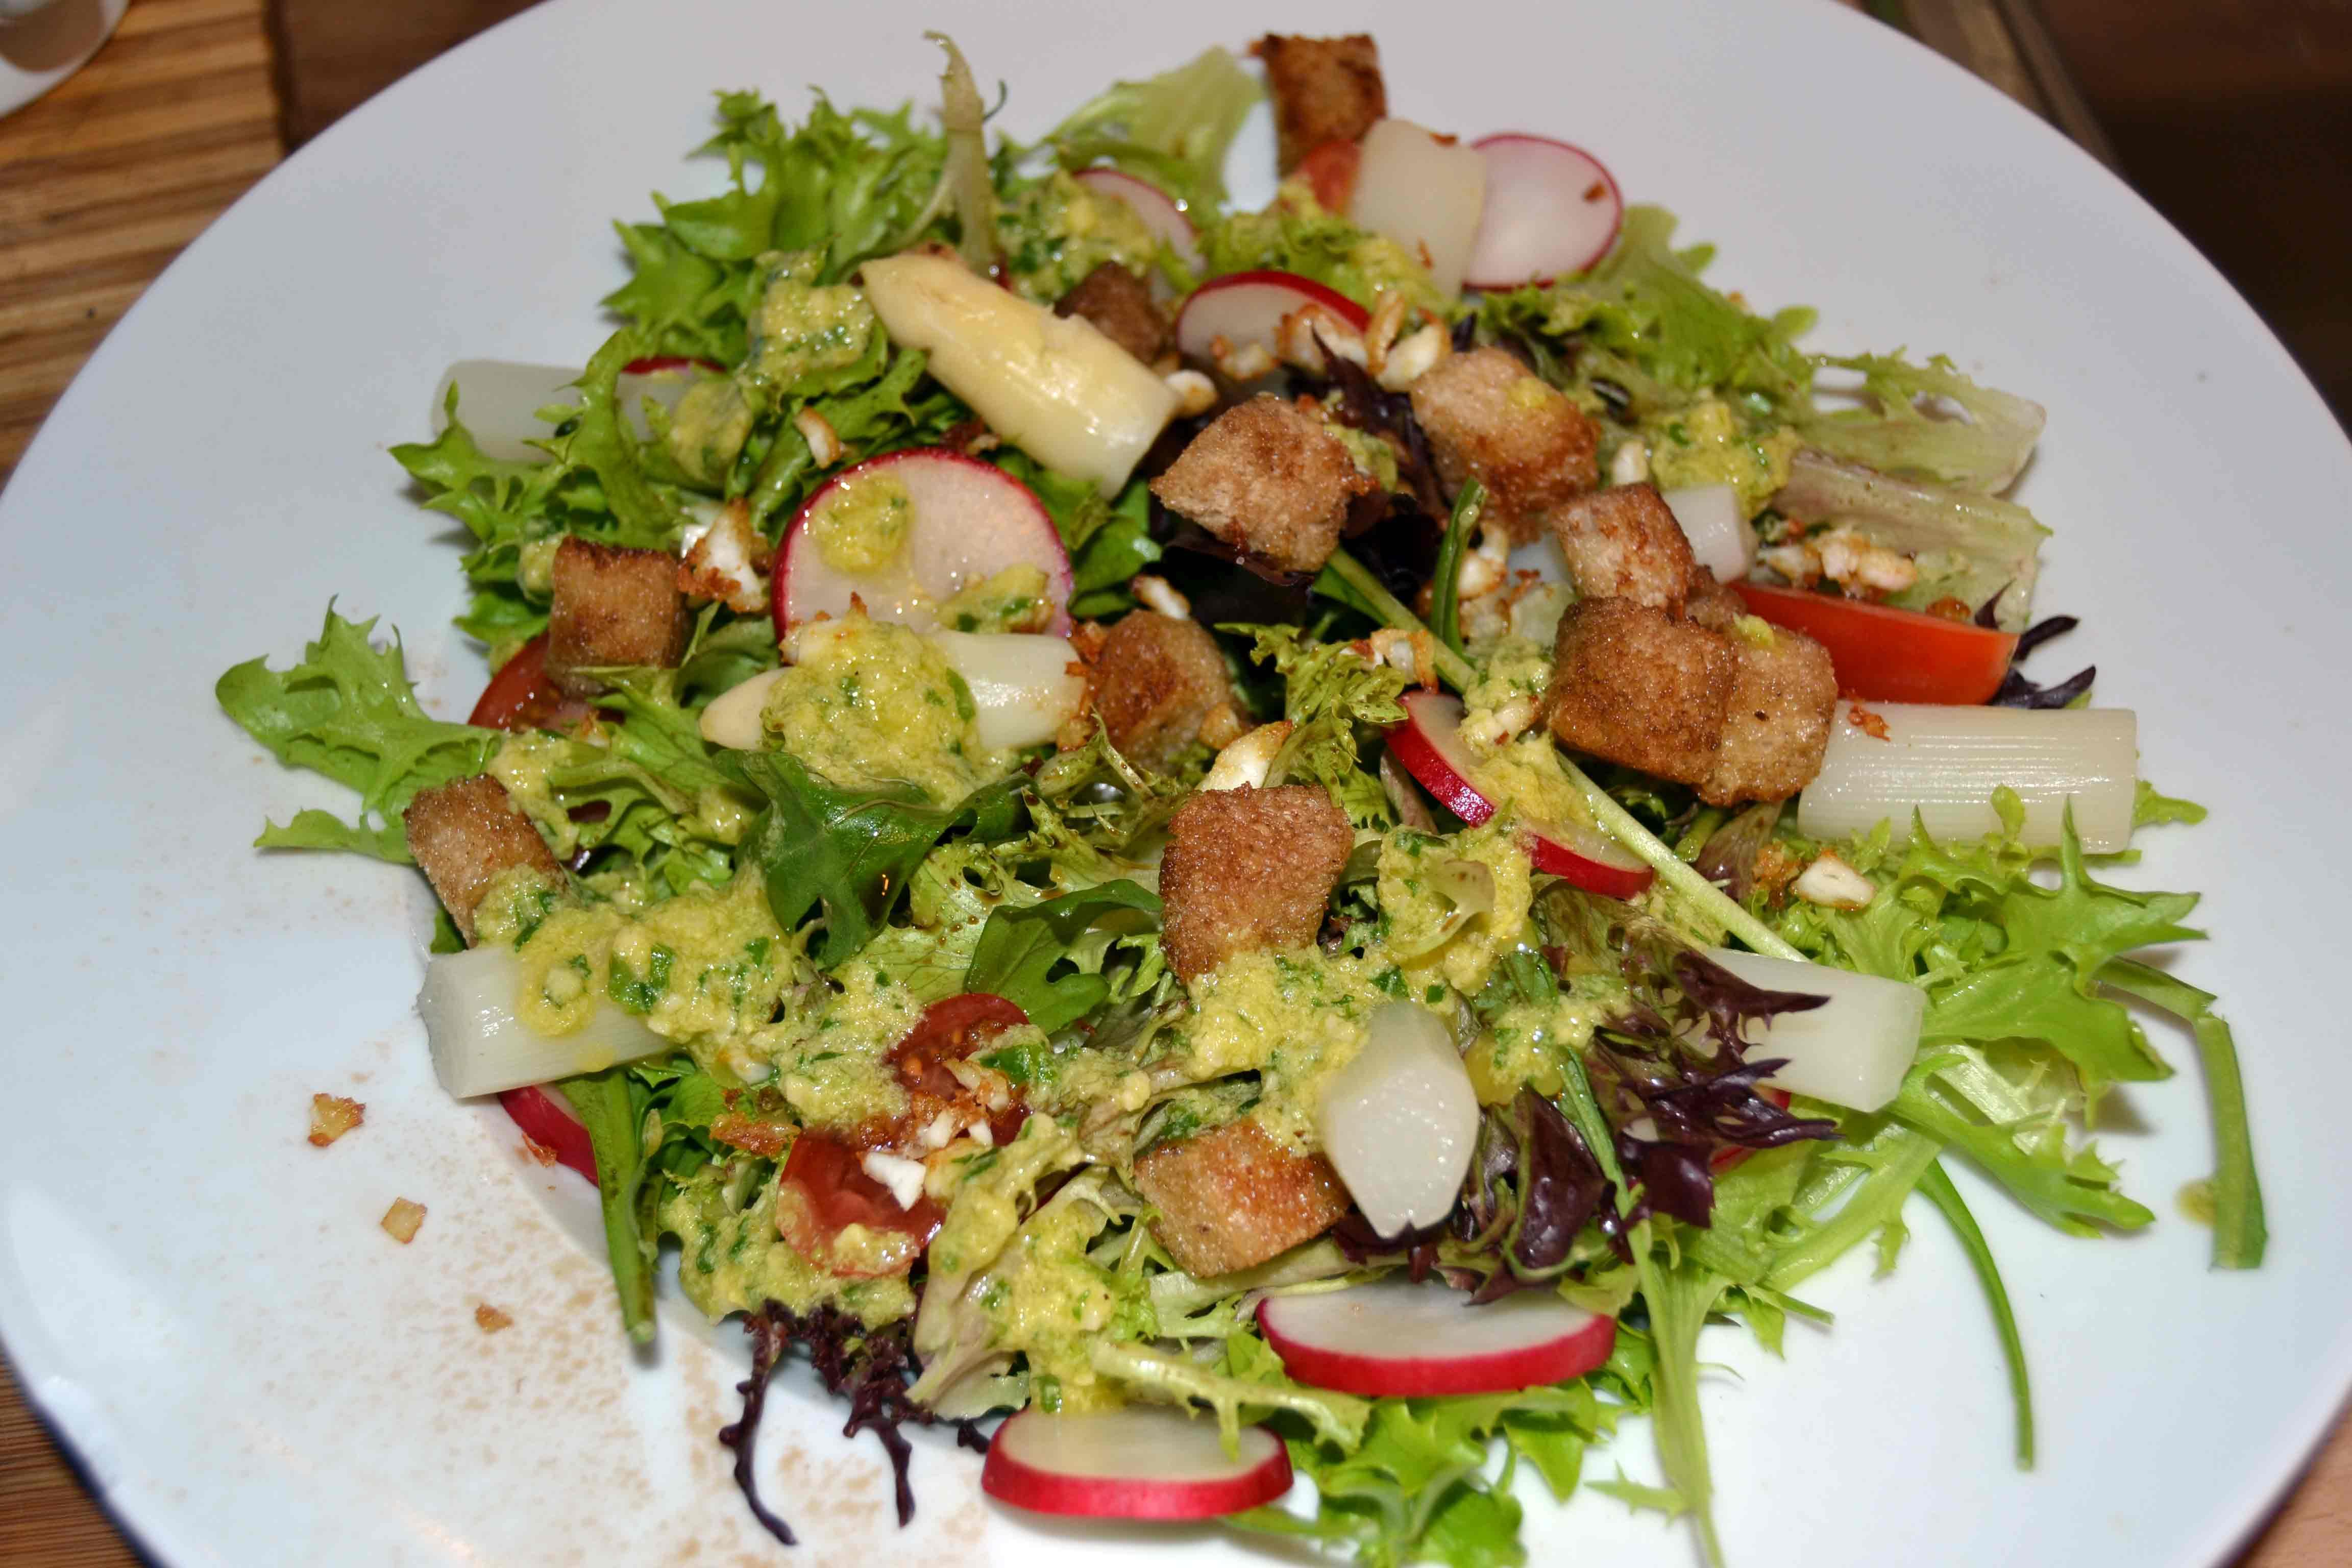 Salat-Radieschen-Spargel-Spargelvinaigrette-Eiweißgröstl-Knoblauchcroutons-1-(1)